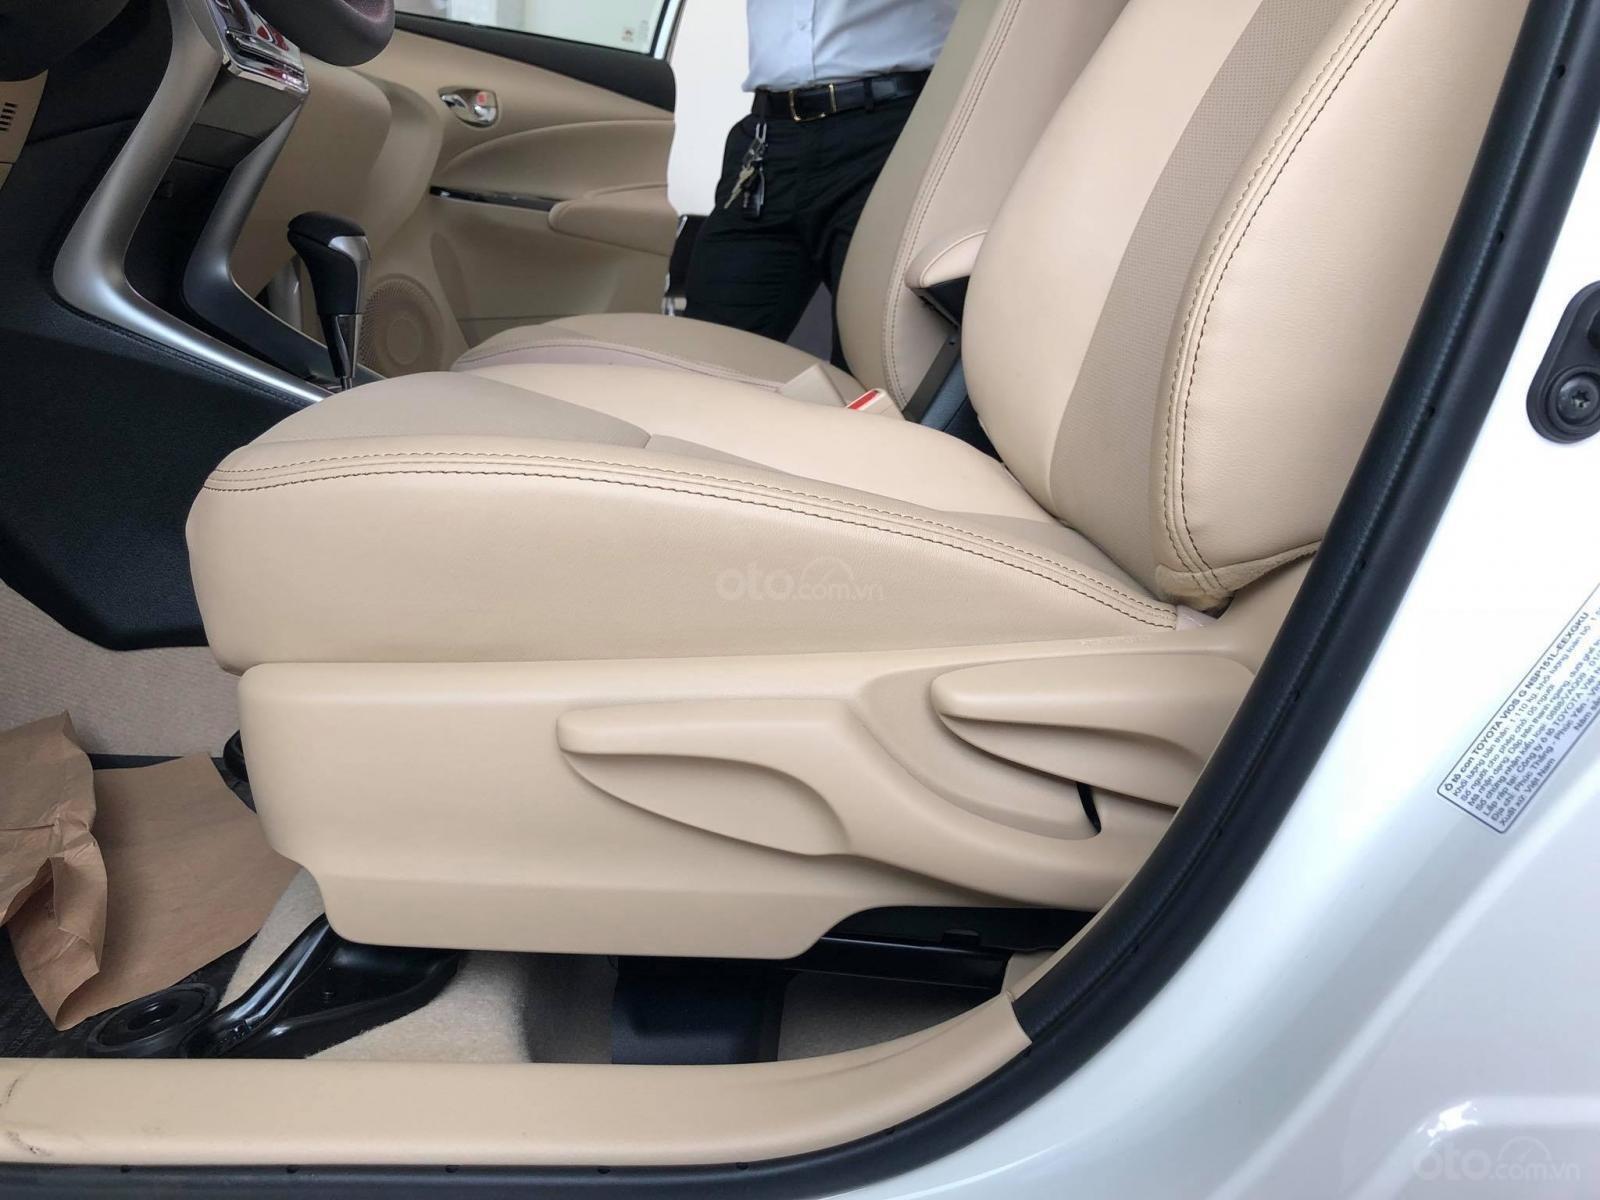 Bán nhanh chiếc xe Toyota Vios 1.5G CVT - 2019 với giá cạnh tranh nhất thị trường (14)